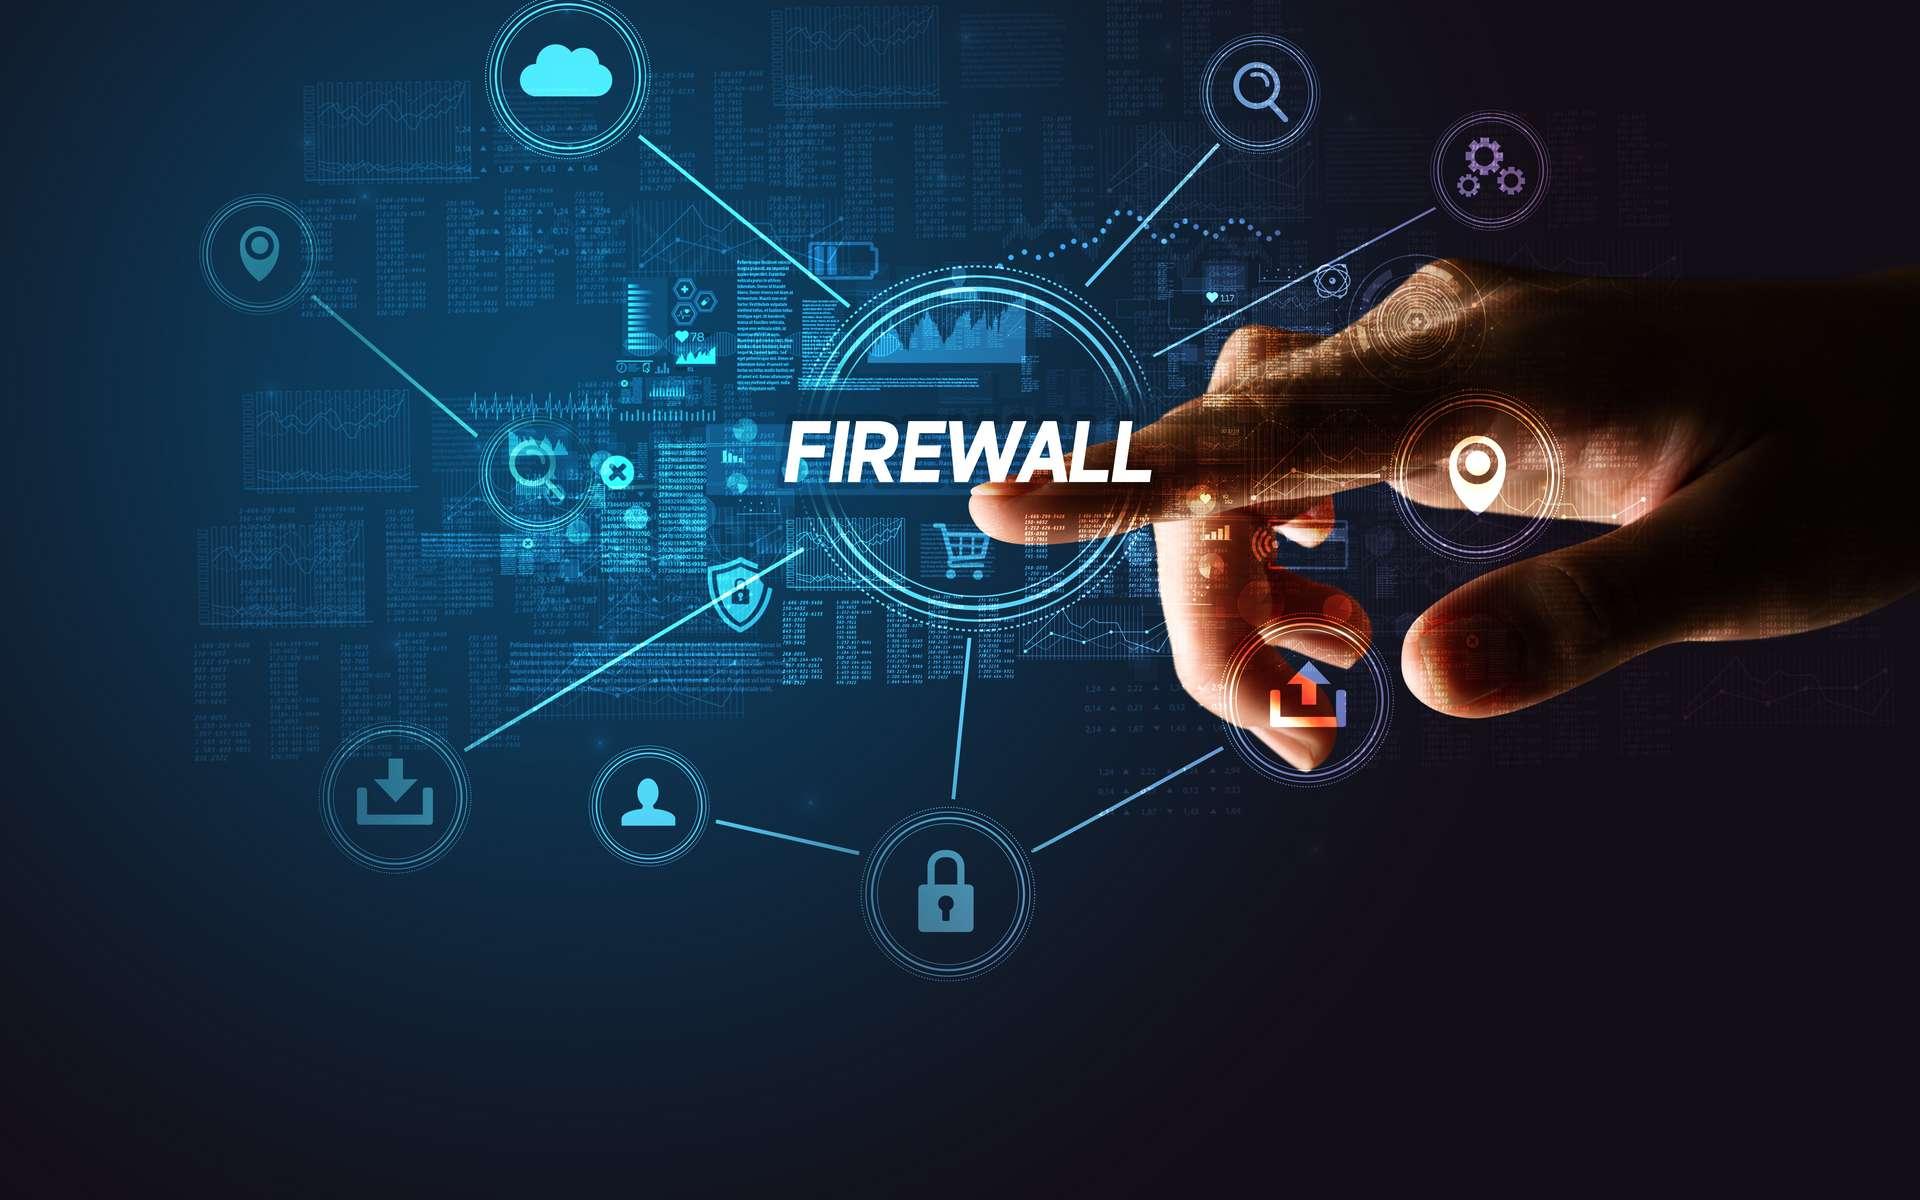 Exemple en images d'un firewall (''mur de feu'') filtrant les échanges de données entre un ordinateur et Internet. Les connections en rouge sont refusées, alors que celle en verte est autorisée. © Adobe Stock, ra2 studio